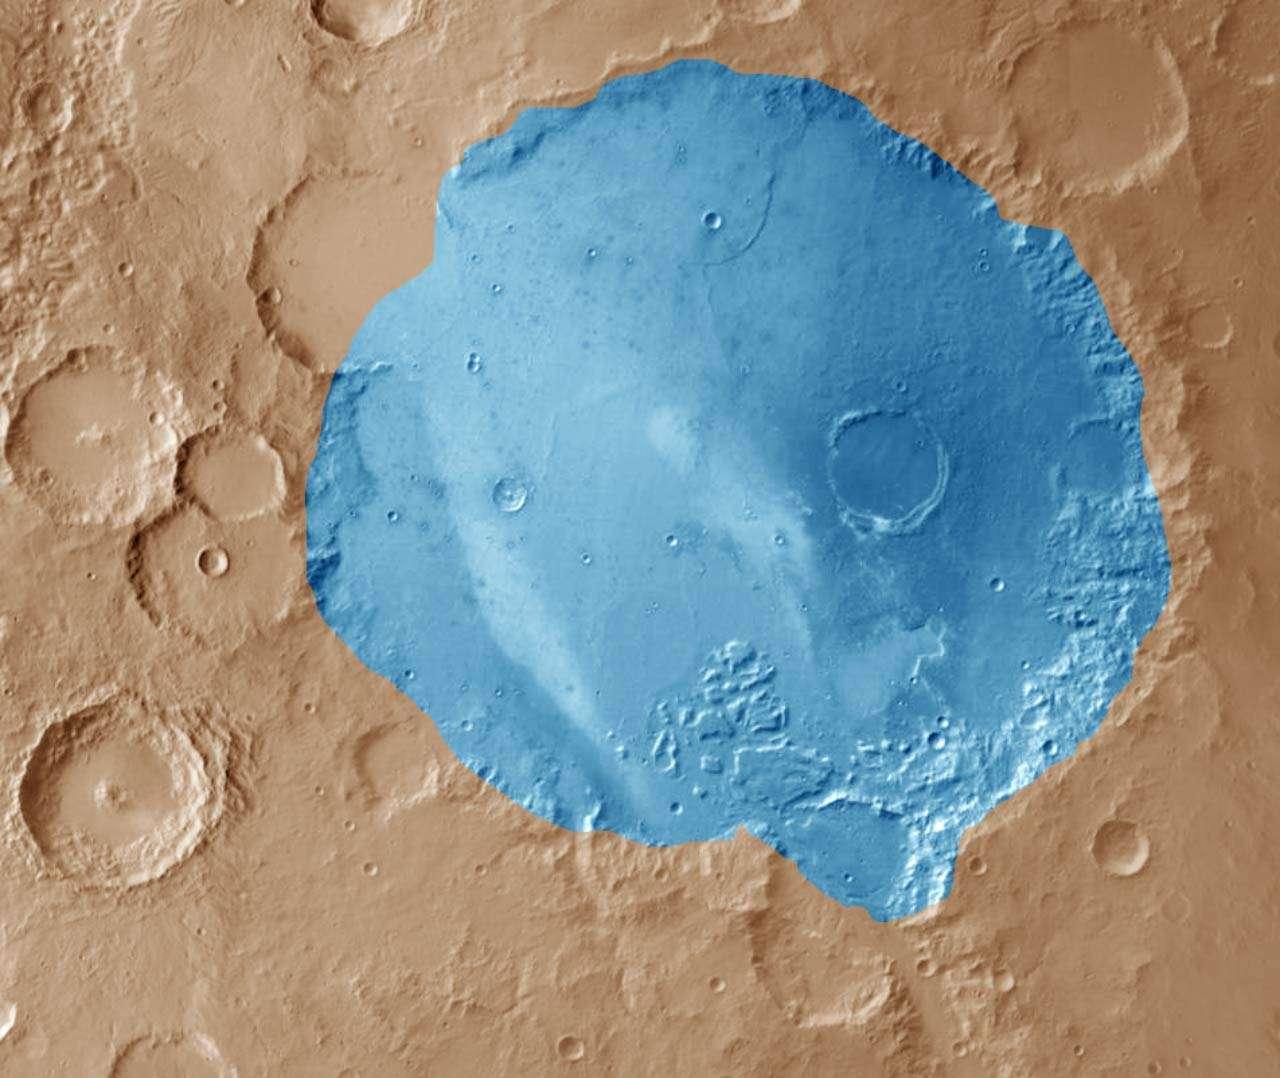 Illustration du lac Gusev formé par l'inondation d'un cratère vaste de plus de 160 km de diamètre. © Nasa, JPL, Sci-News